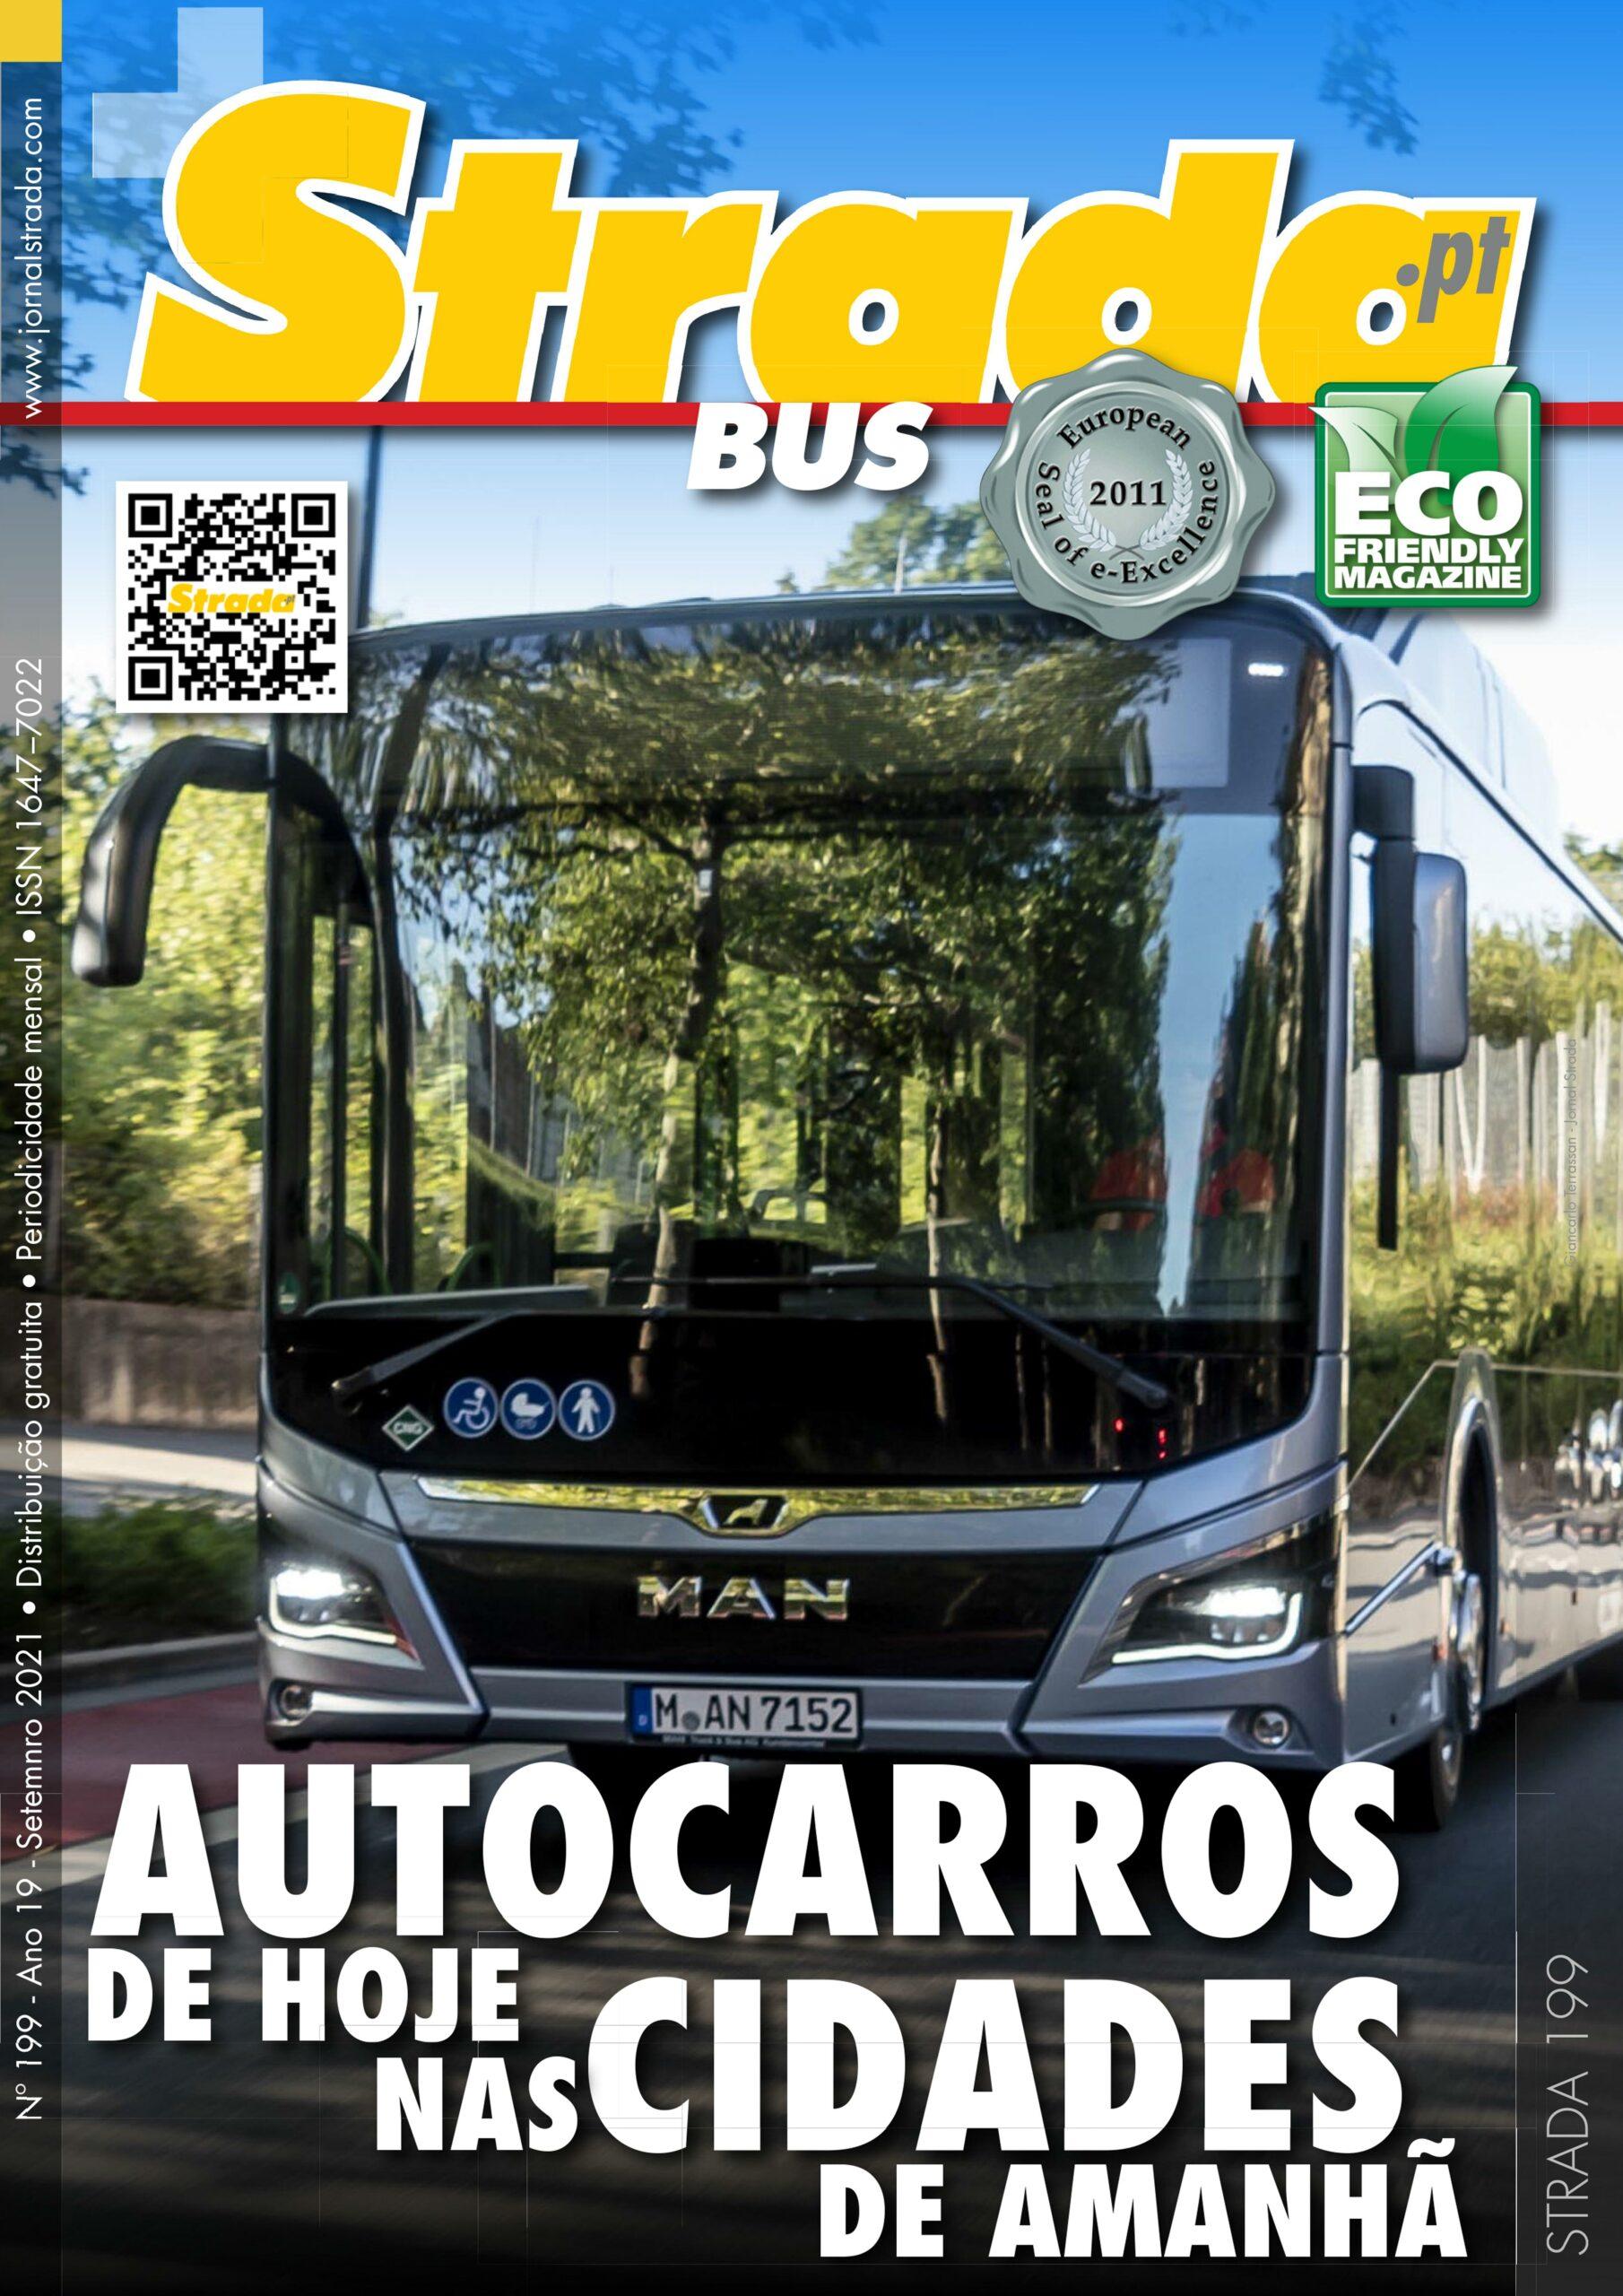 Bus #0199-pt